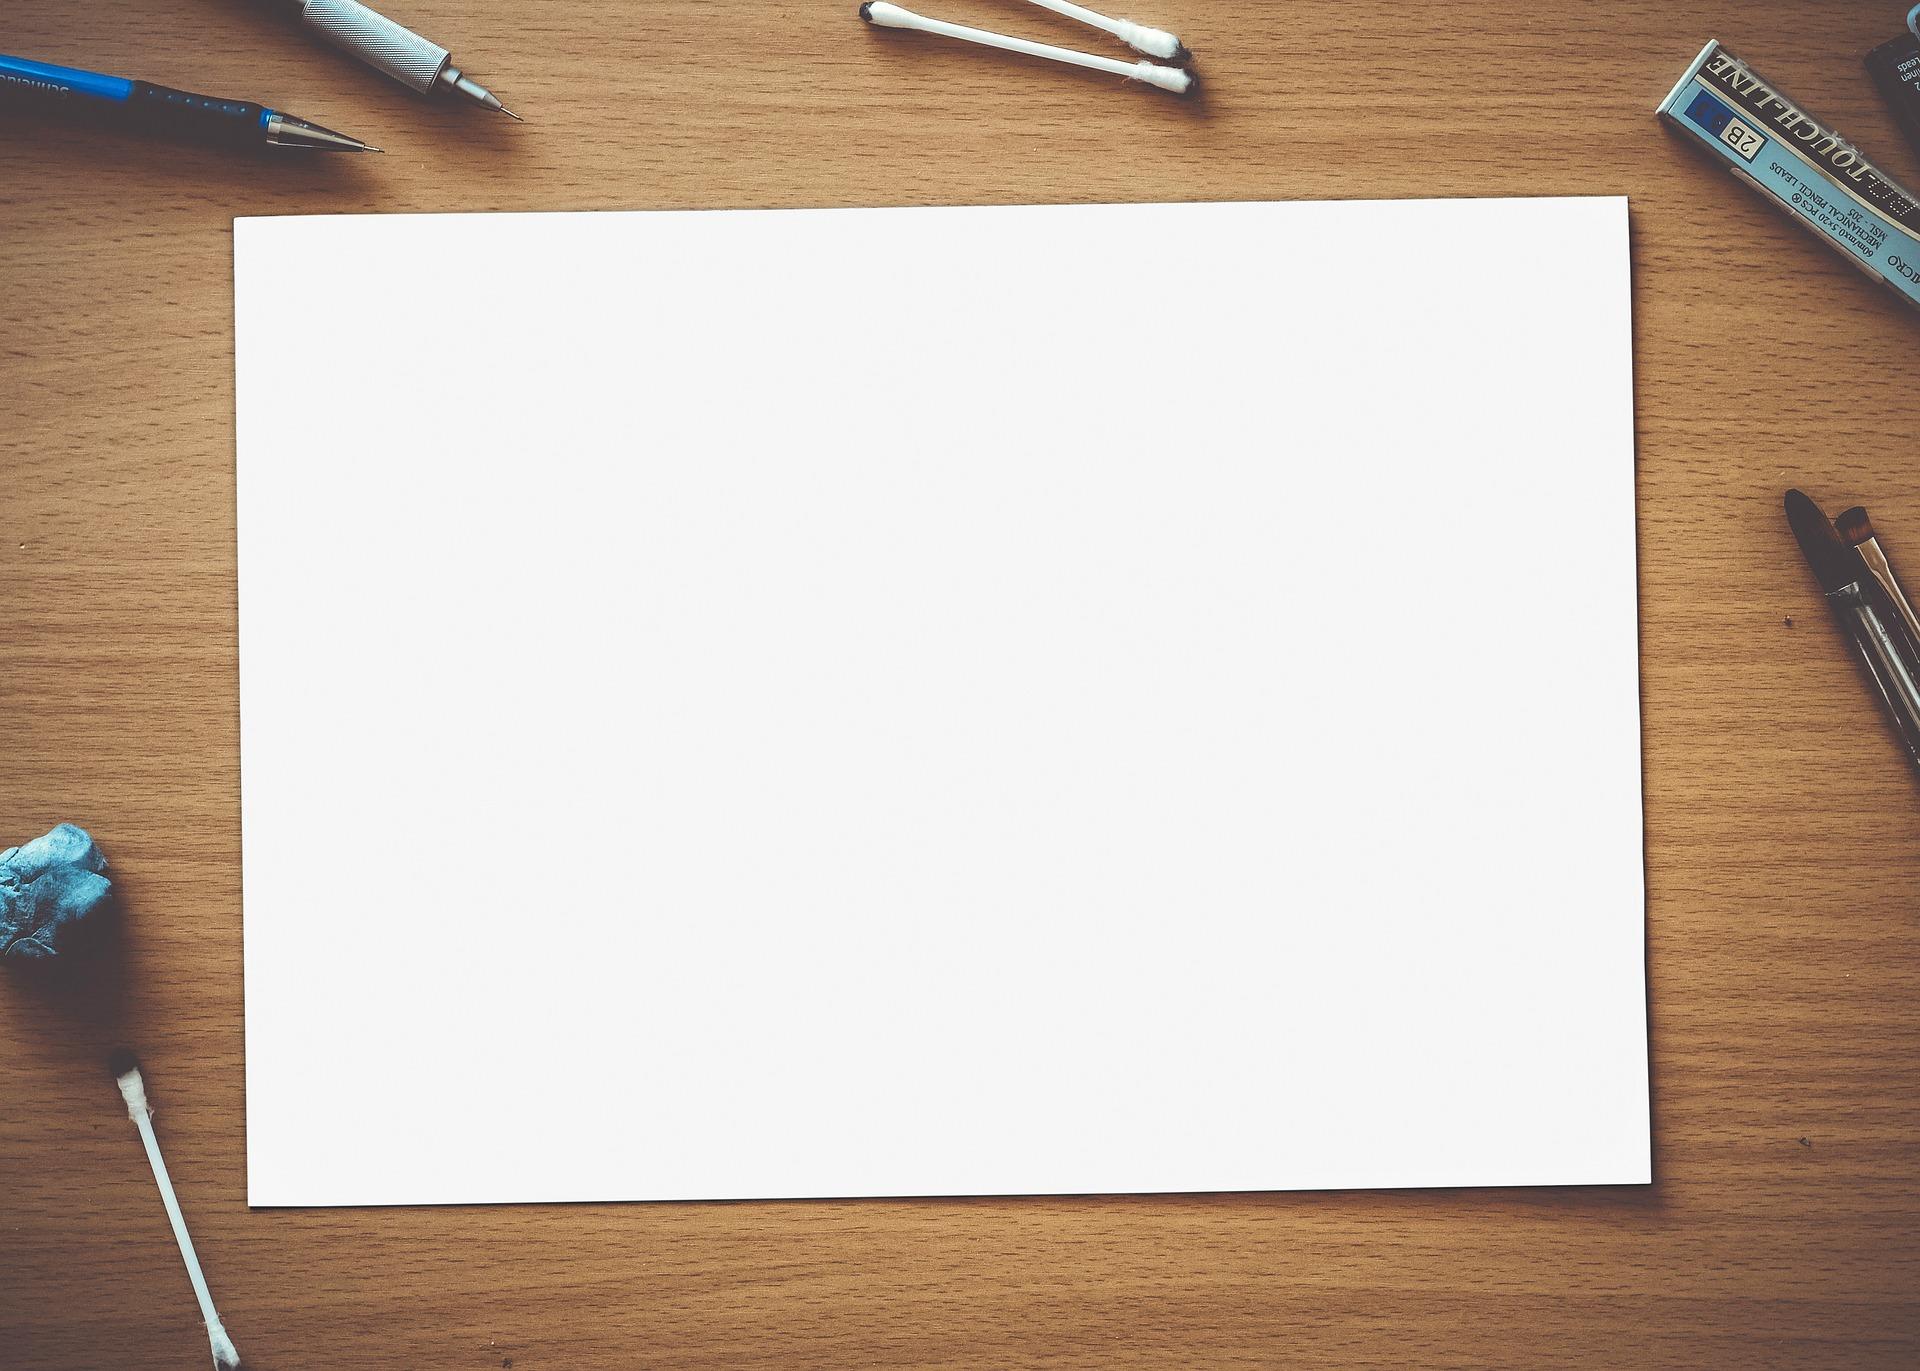 paper - 20代未経験からWebデザイナーになる前に絶対に知っておいて欲しいこと